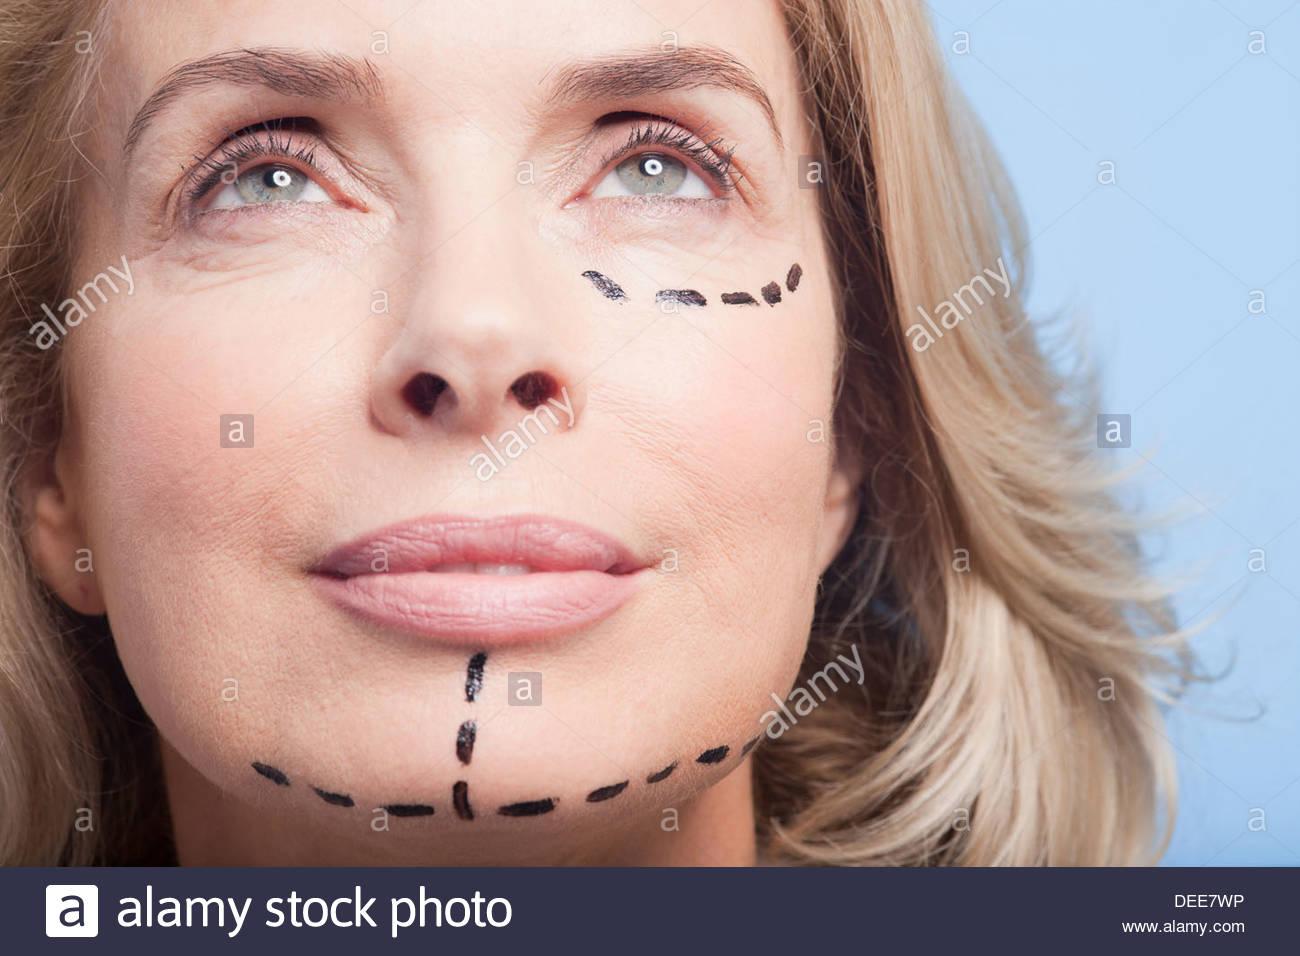 Close up ritratto di donna con linee tratteggiate sul viso Immagini Stock